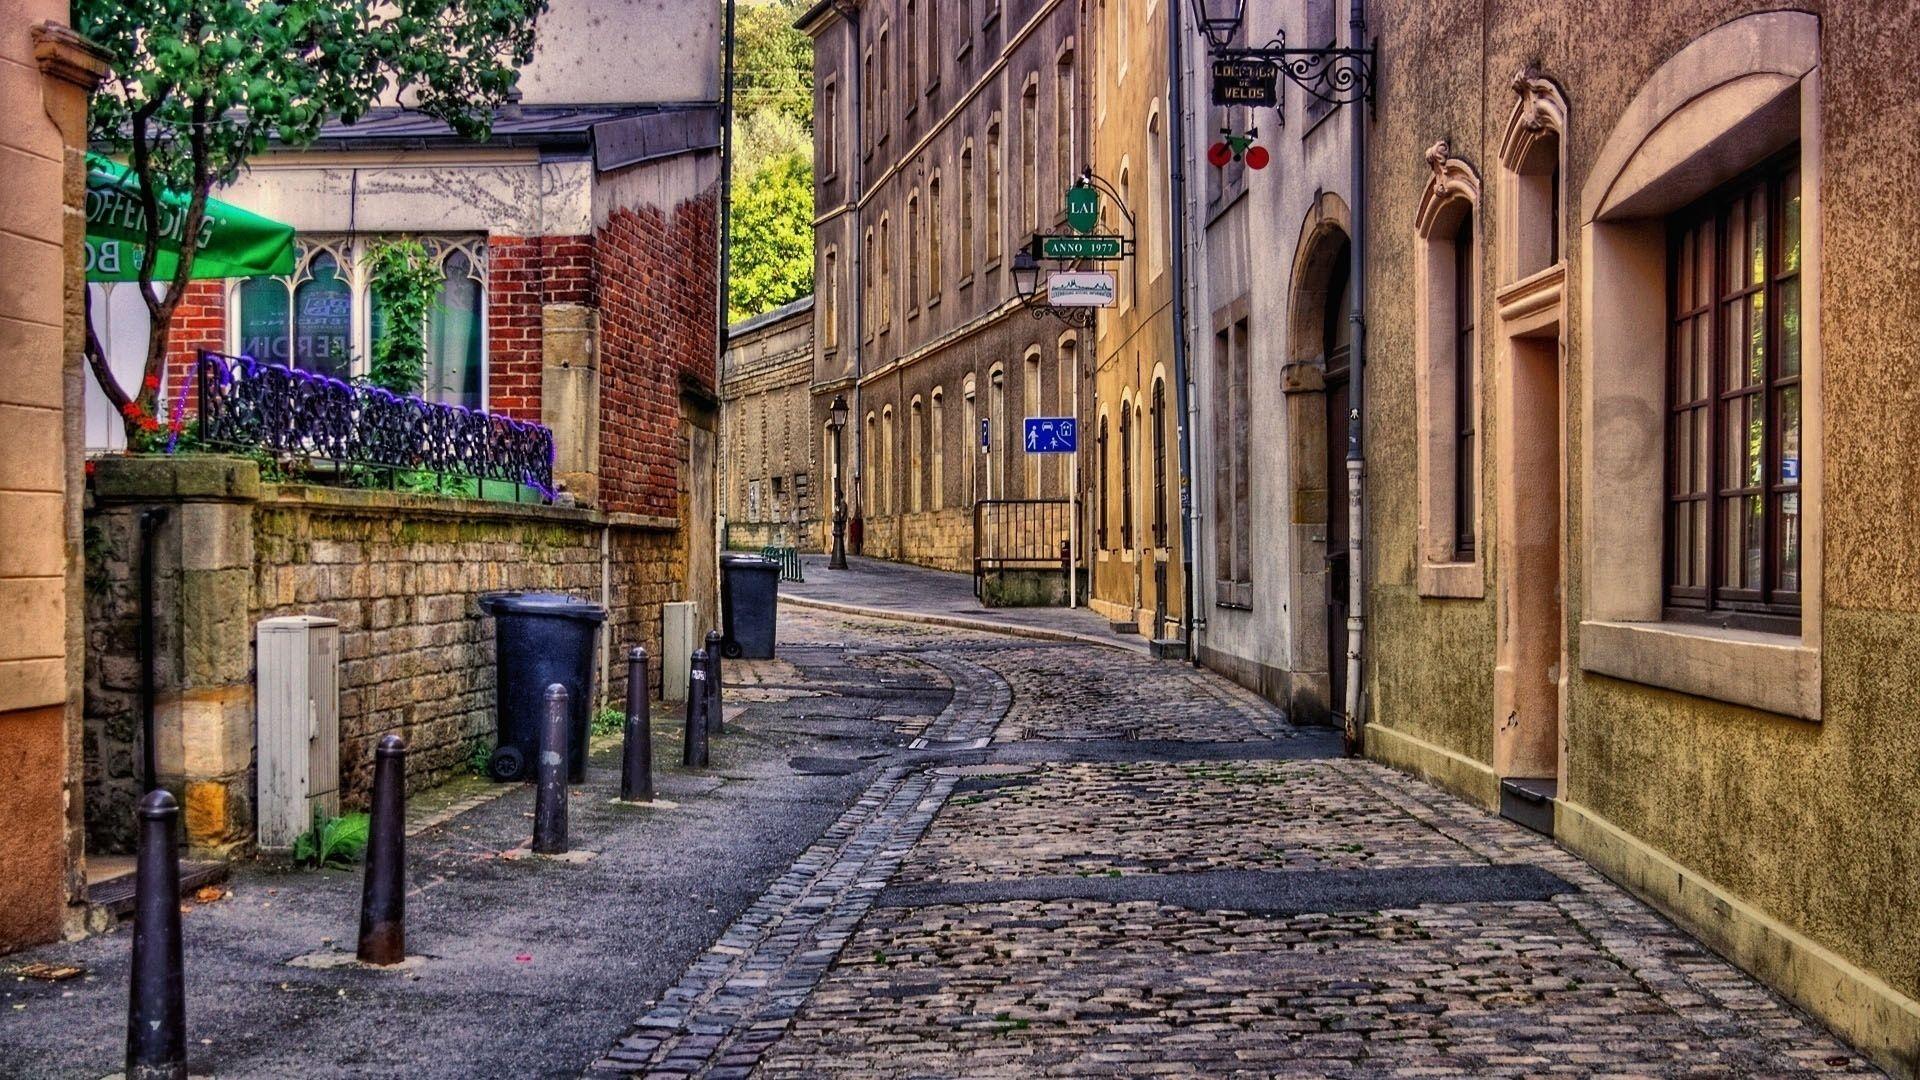 Street World HD Desktop Wallpaper City